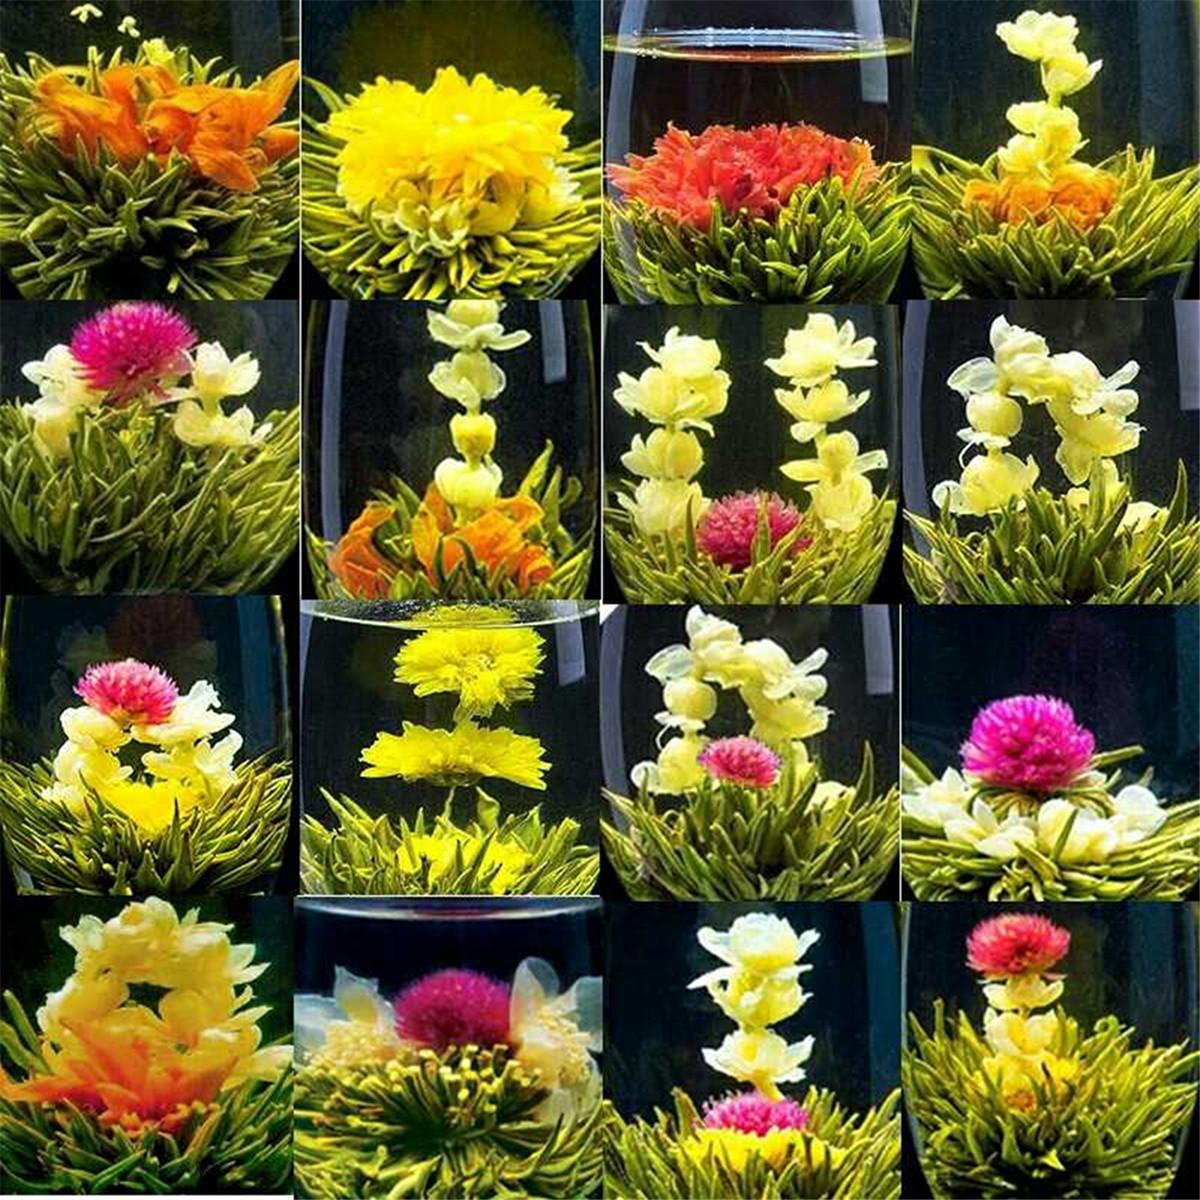 Preference 130g chinesische Spezialität Kräutertee Groß 16 Arten von Handgemachte Kugel-Form-Blumen-Tee New duftenden Tee gesund Green Food